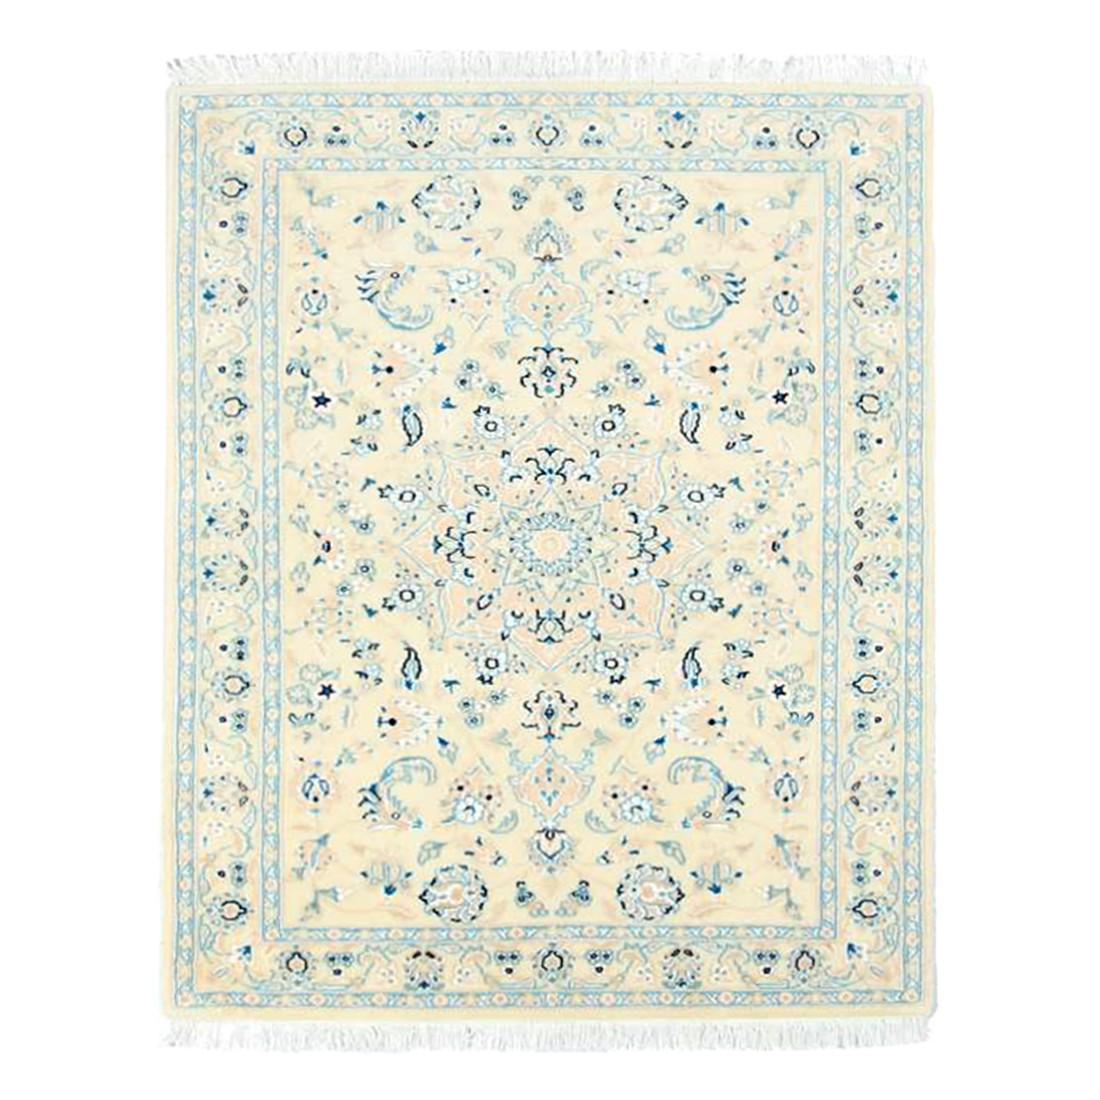 Teppich Nain Scherkat Royal – Beige – 80 x 300 cm, Parwis online kaufen